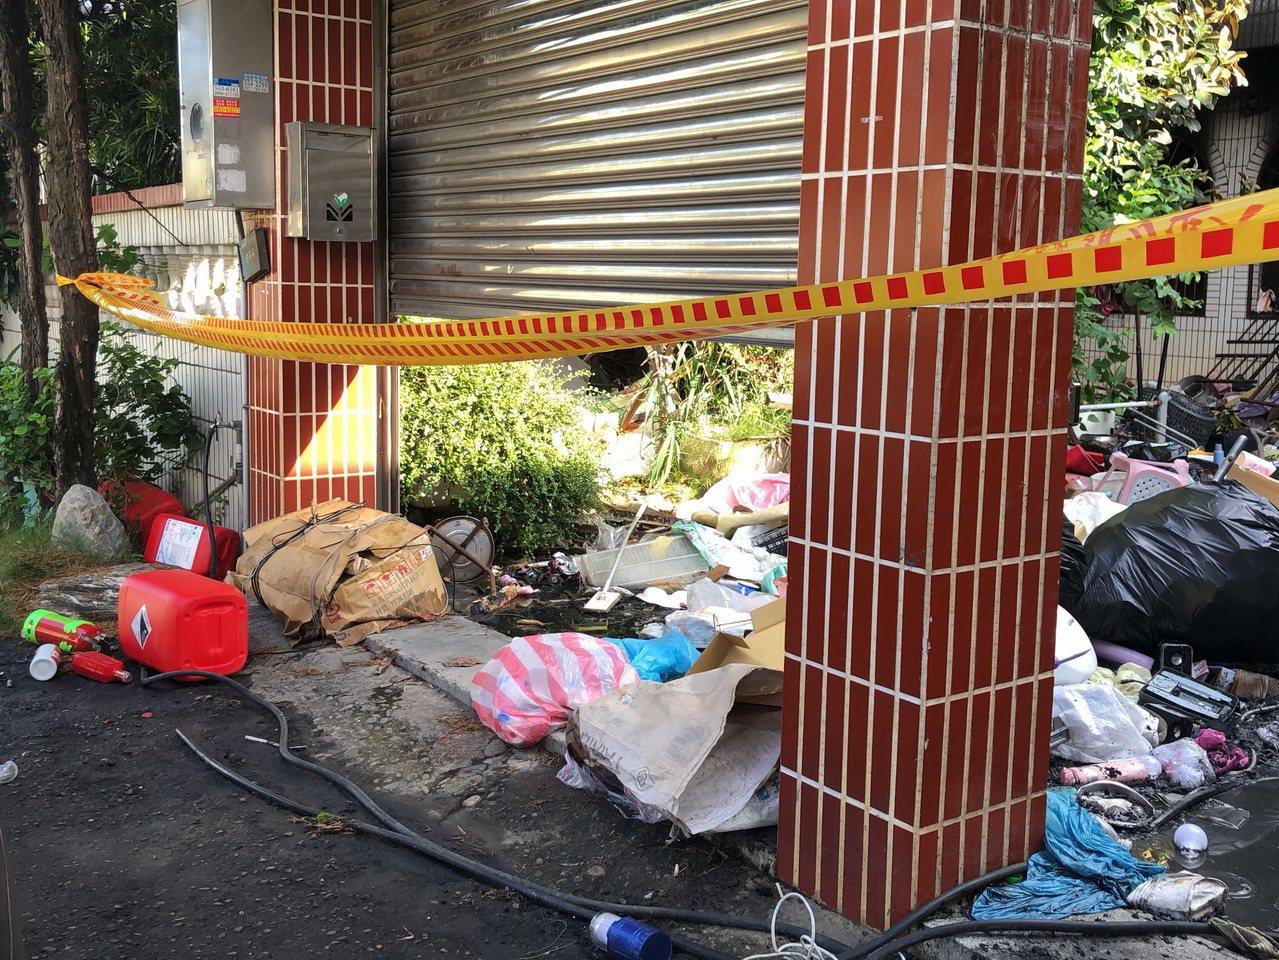 從外由內可看見屋外庭院堆滿紙箱、塑膠、木材、大包垃圾等易燃雜物。記者王駿杰/攝影